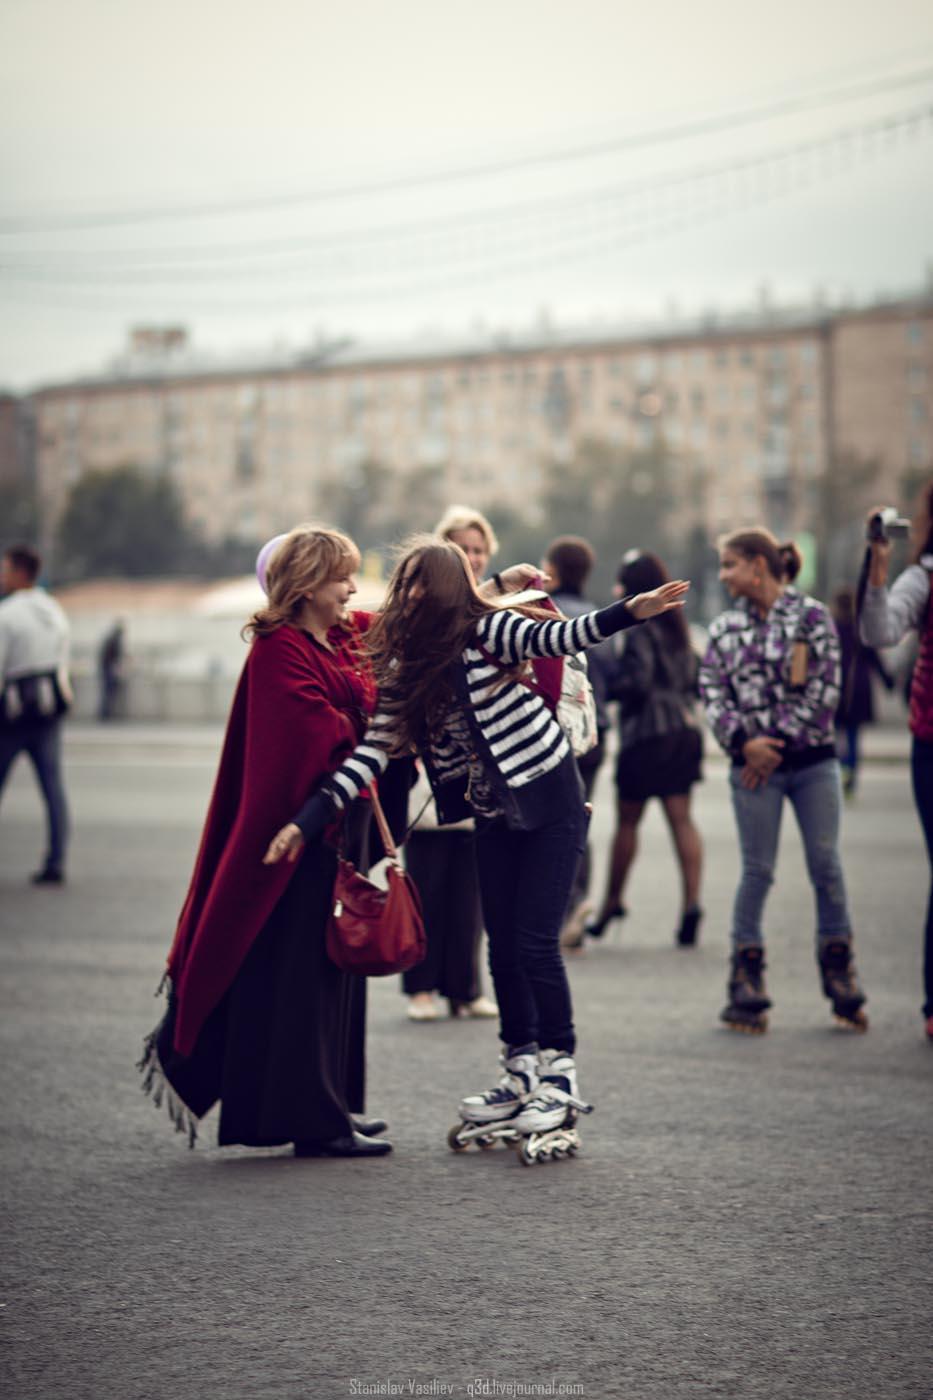 День города - Москва - 2013 - #070